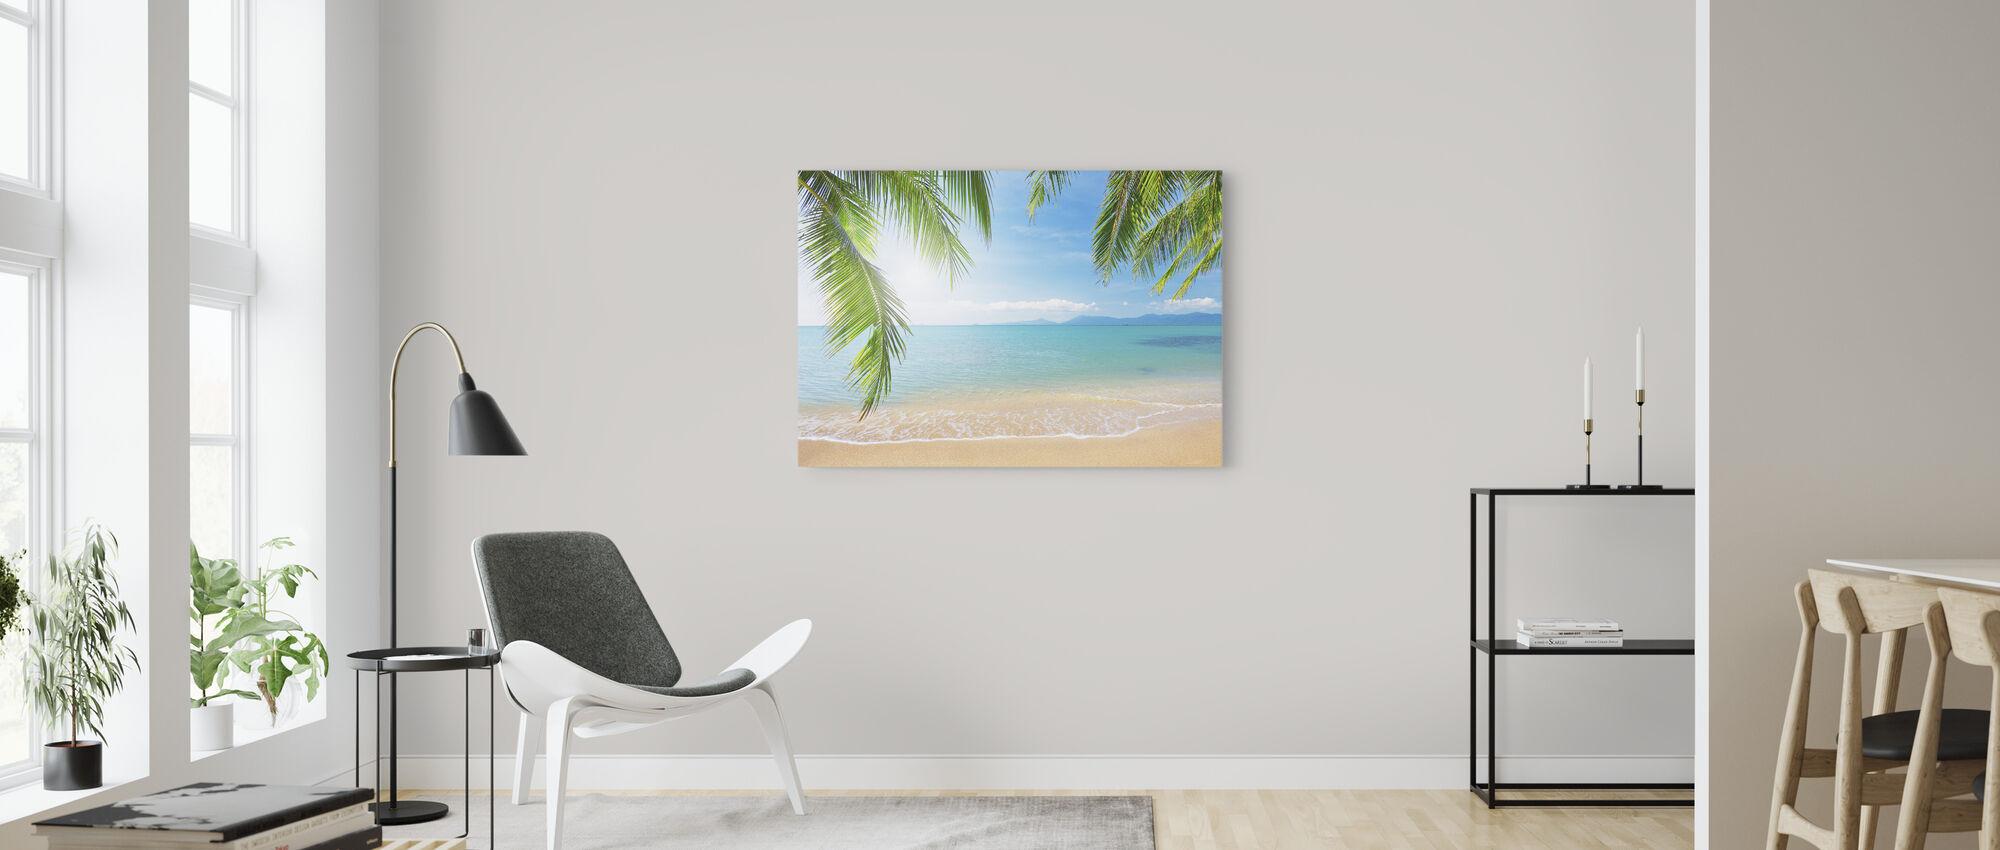 Tropisk utsikt från under ett palmträd - Canvastavla - Vardagsrum